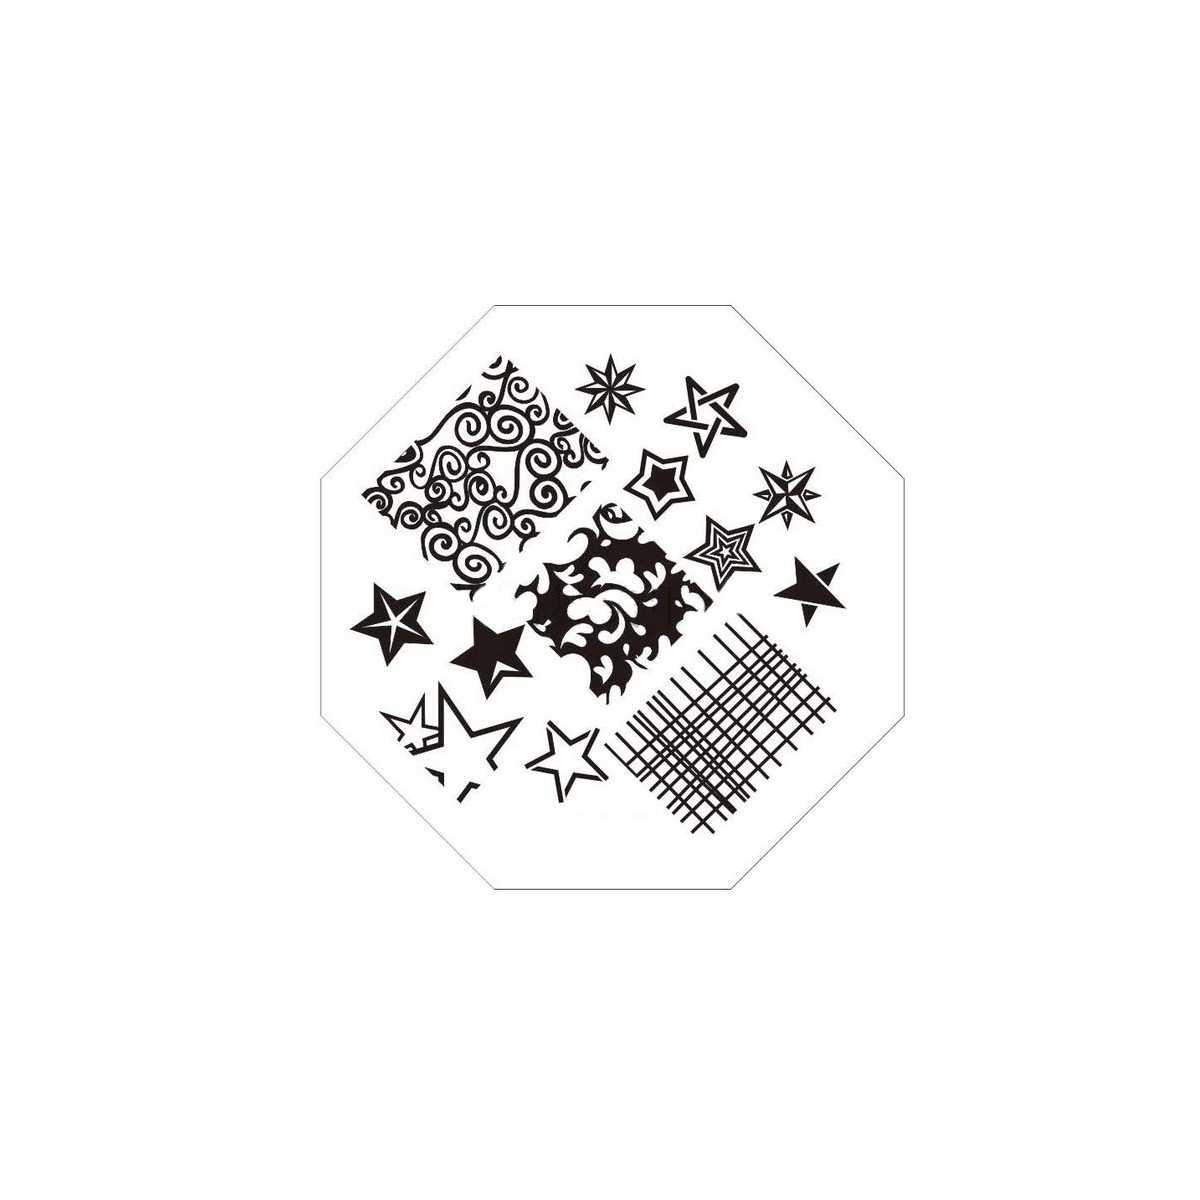 https://www.kit-manucure.com/482-thickbox_default/plaque-de-stamping-etoiles-et-arabesques.jpg